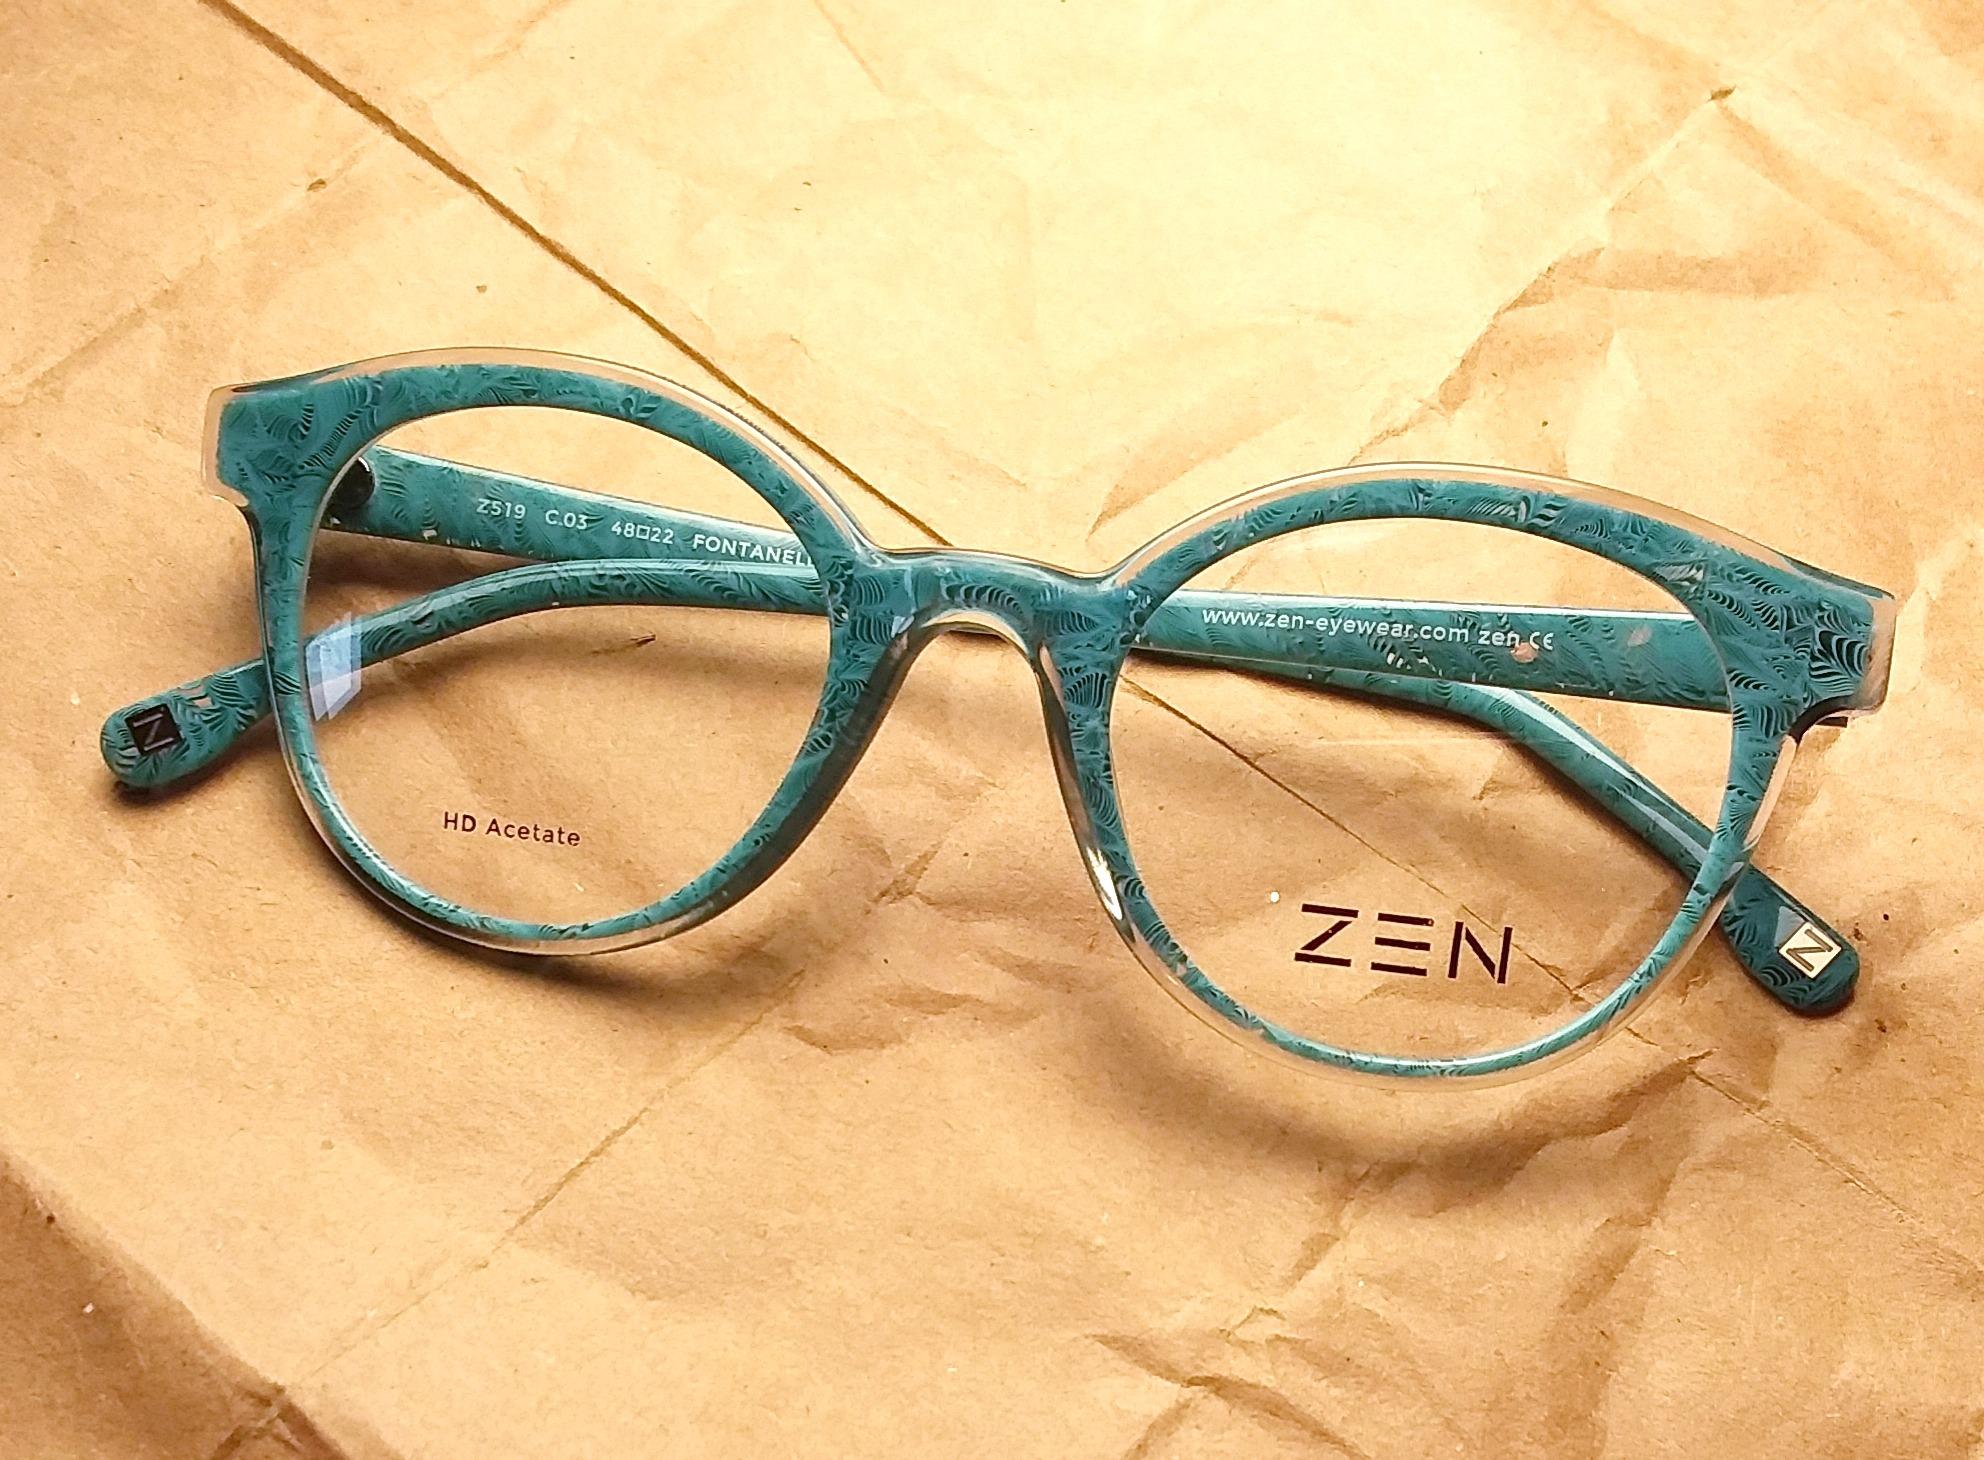 ZEN eyewear, Barcelona.